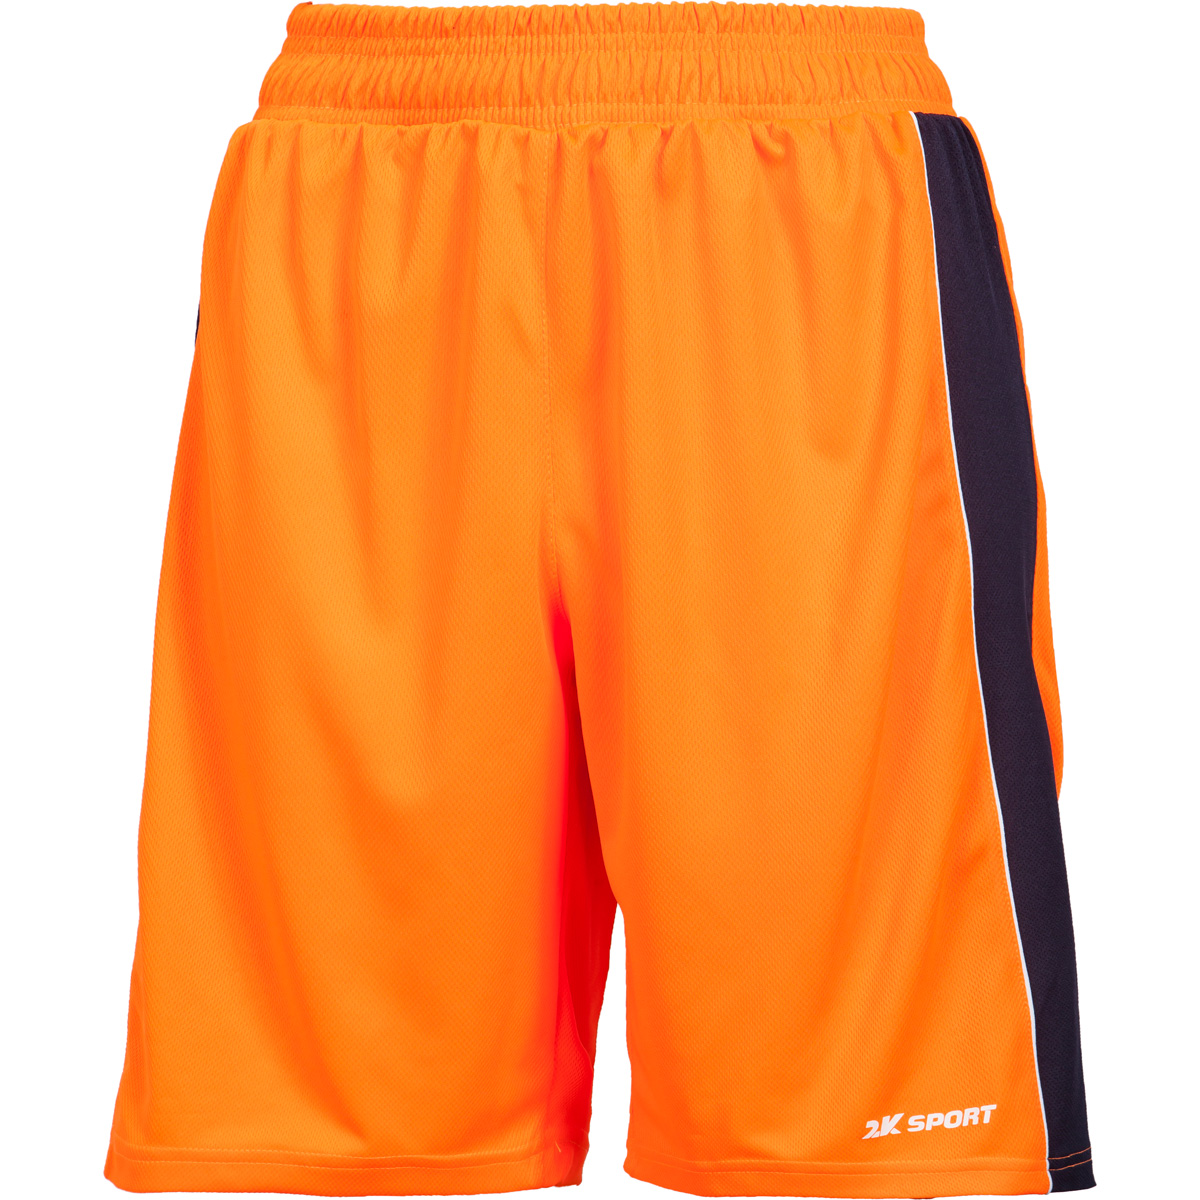 Шорты баскетбольные женские 2K Sport Advance, цвет: оранжевый, темно-синий, белый. 130033. Размер XS (40/42)